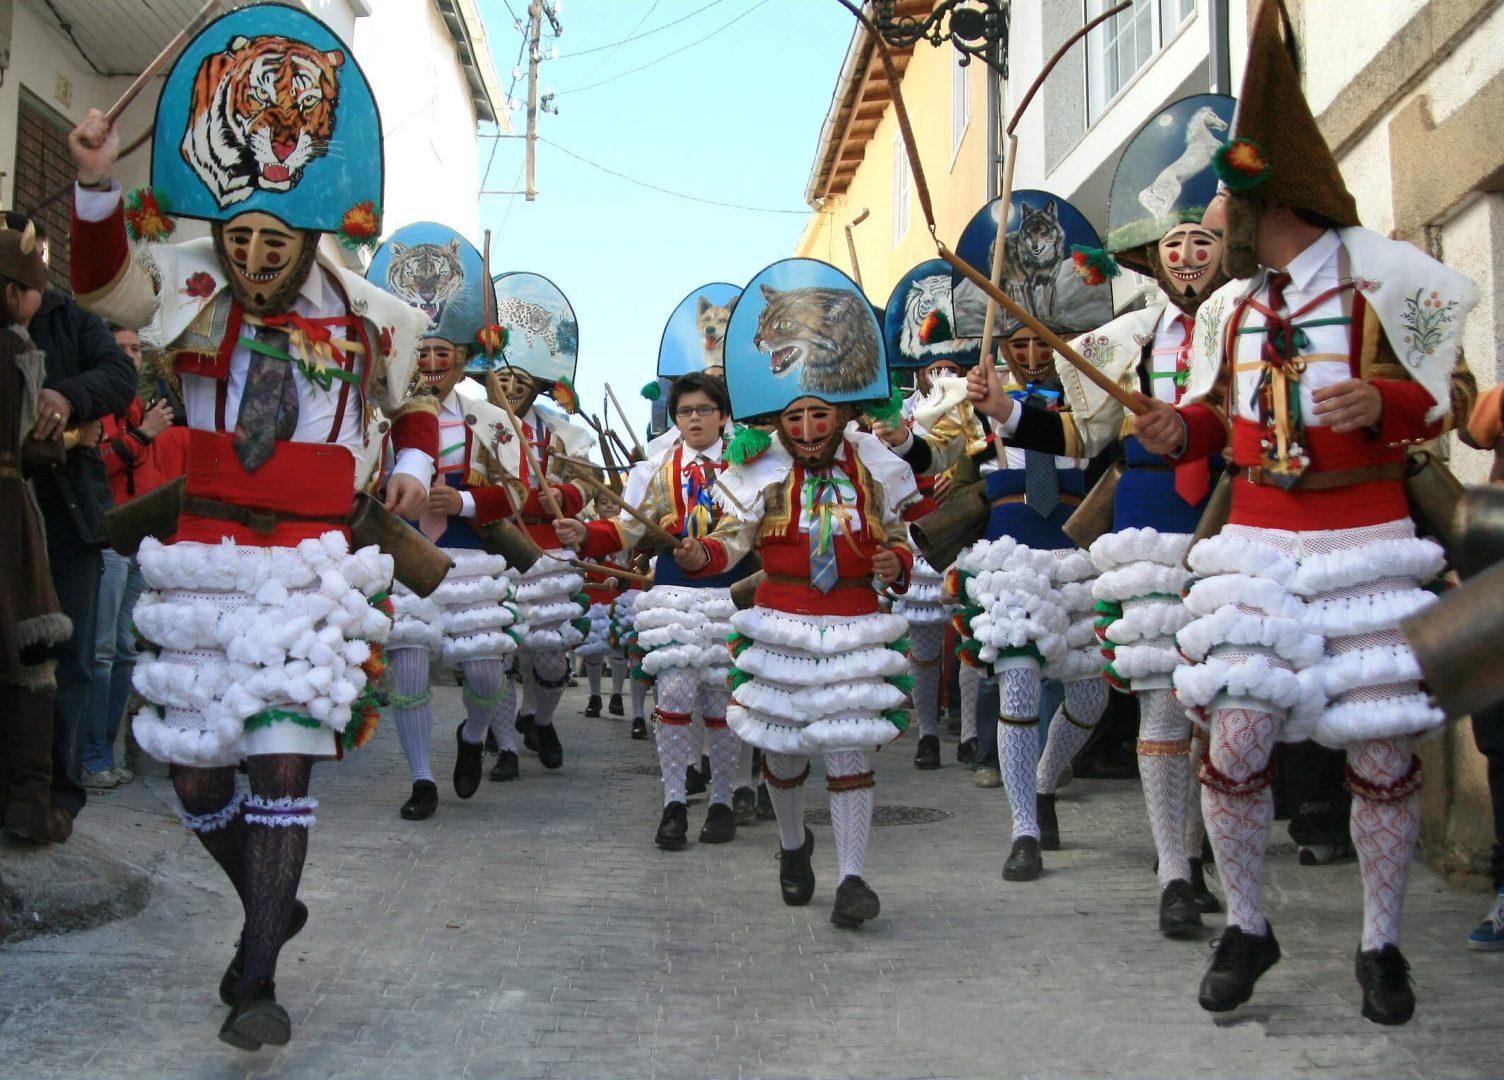 Los peliqueiros son los trajes característicos del carnaval de Laza (Ourense).